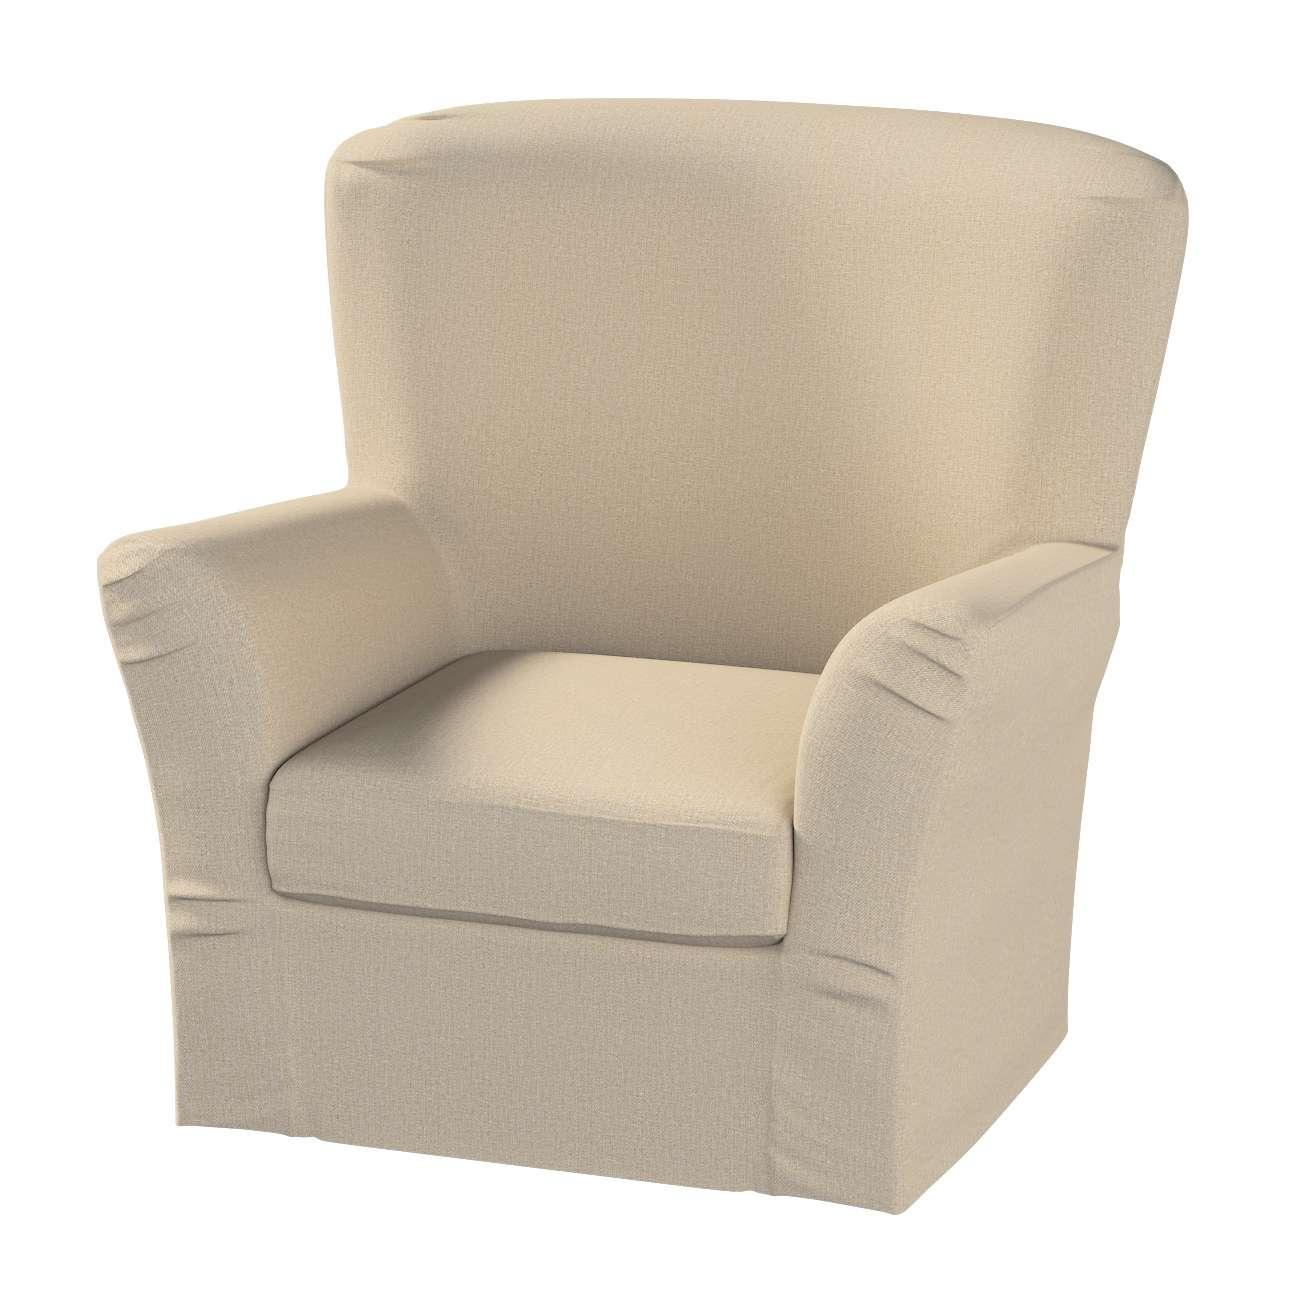 Pokrowiec na fotel Tomelilla z zakładkami fotel Tomelilla w kolekcji Edinburgh, tkanina: 115-78